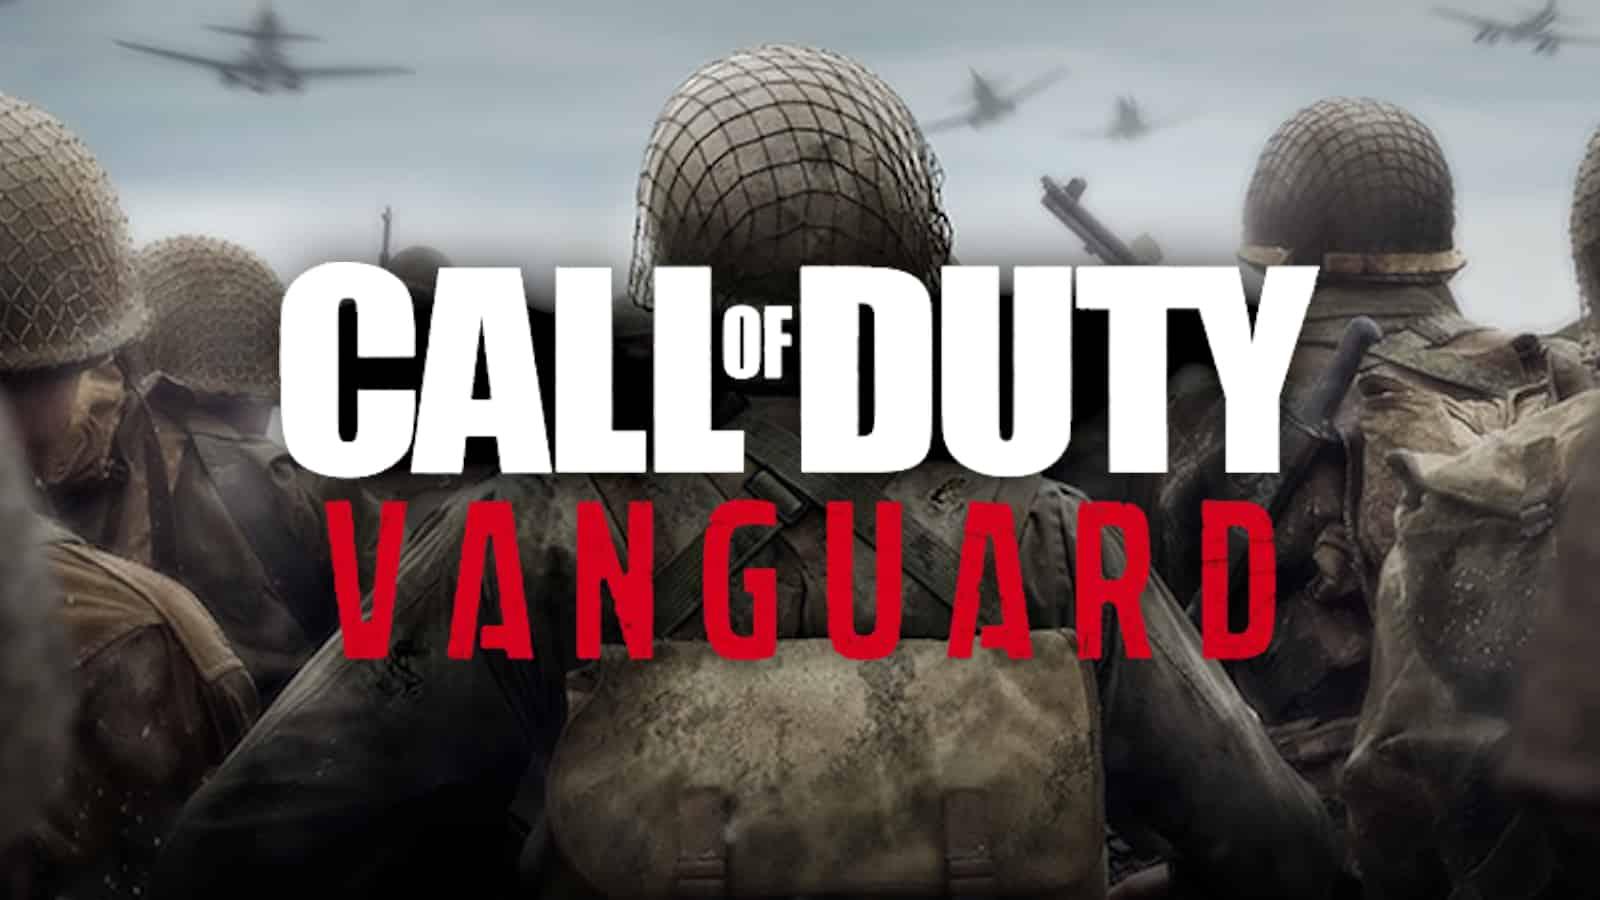 COD Call of Duty: Vanguard